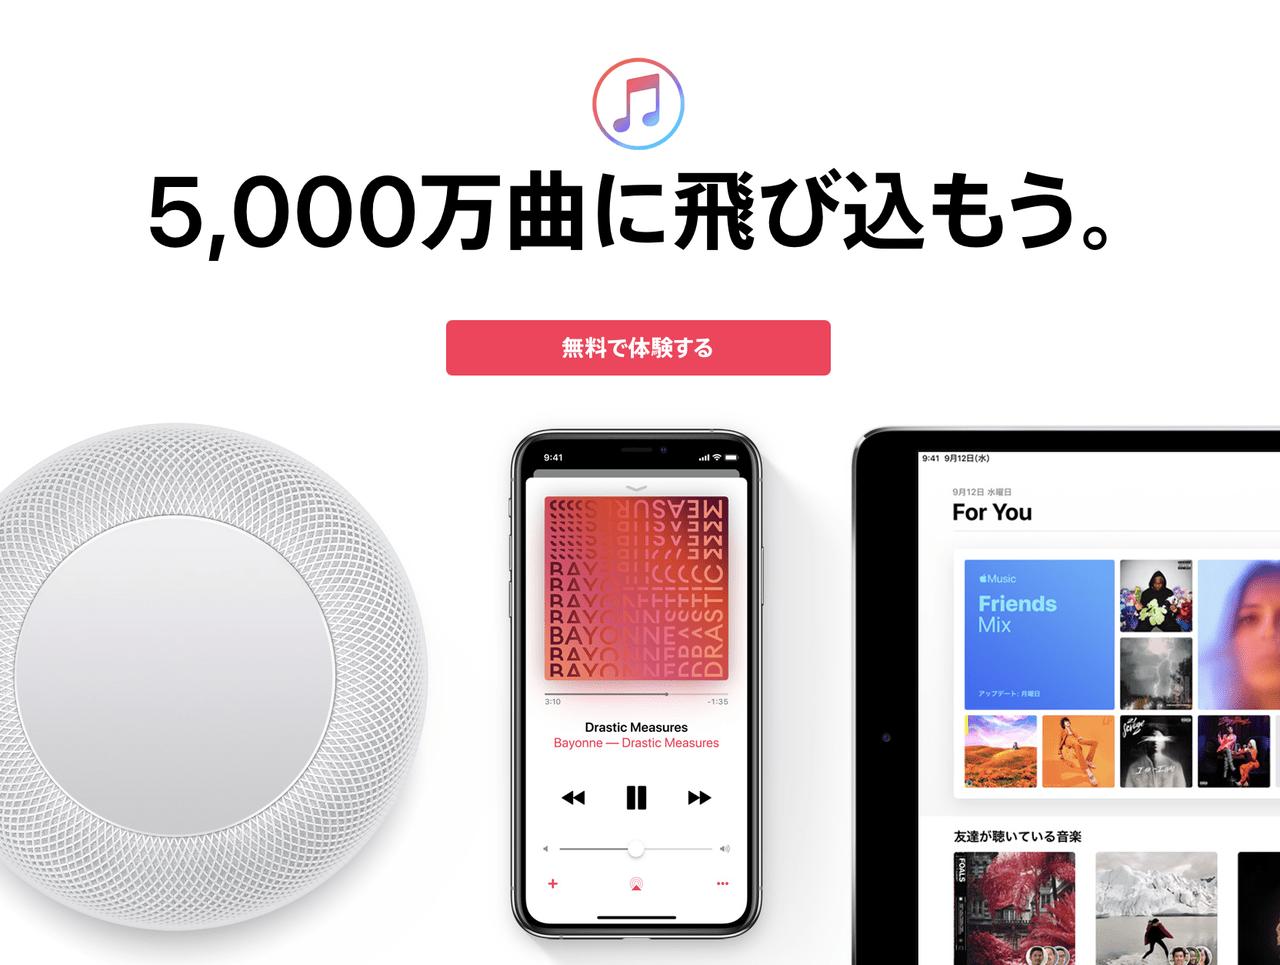 Apple Music 1ヶ月無料コード配布中